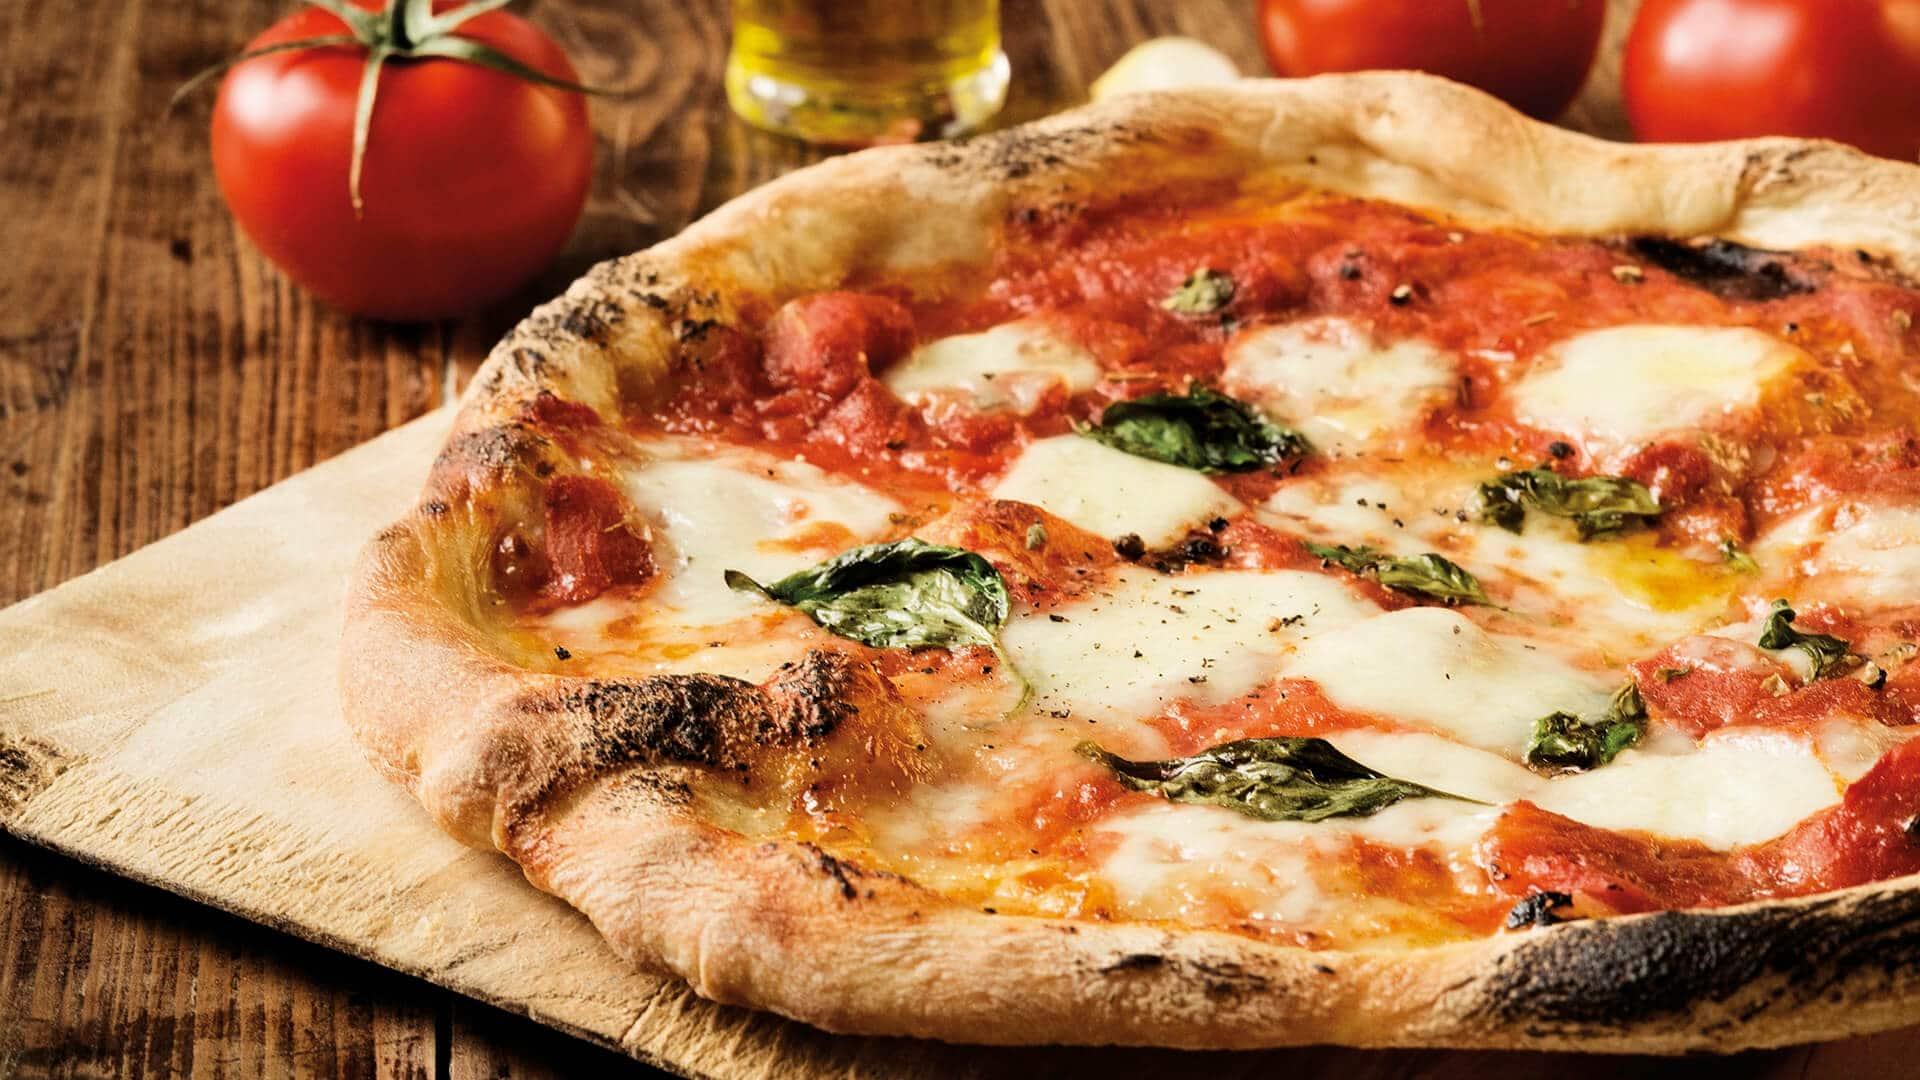 Gli italiani mangiano oltre 8 milioni di pizze al giorno.<br> La scienza spiega perché siamo così ghiotti di questo alimento che crea dipendenza e ci rende felici